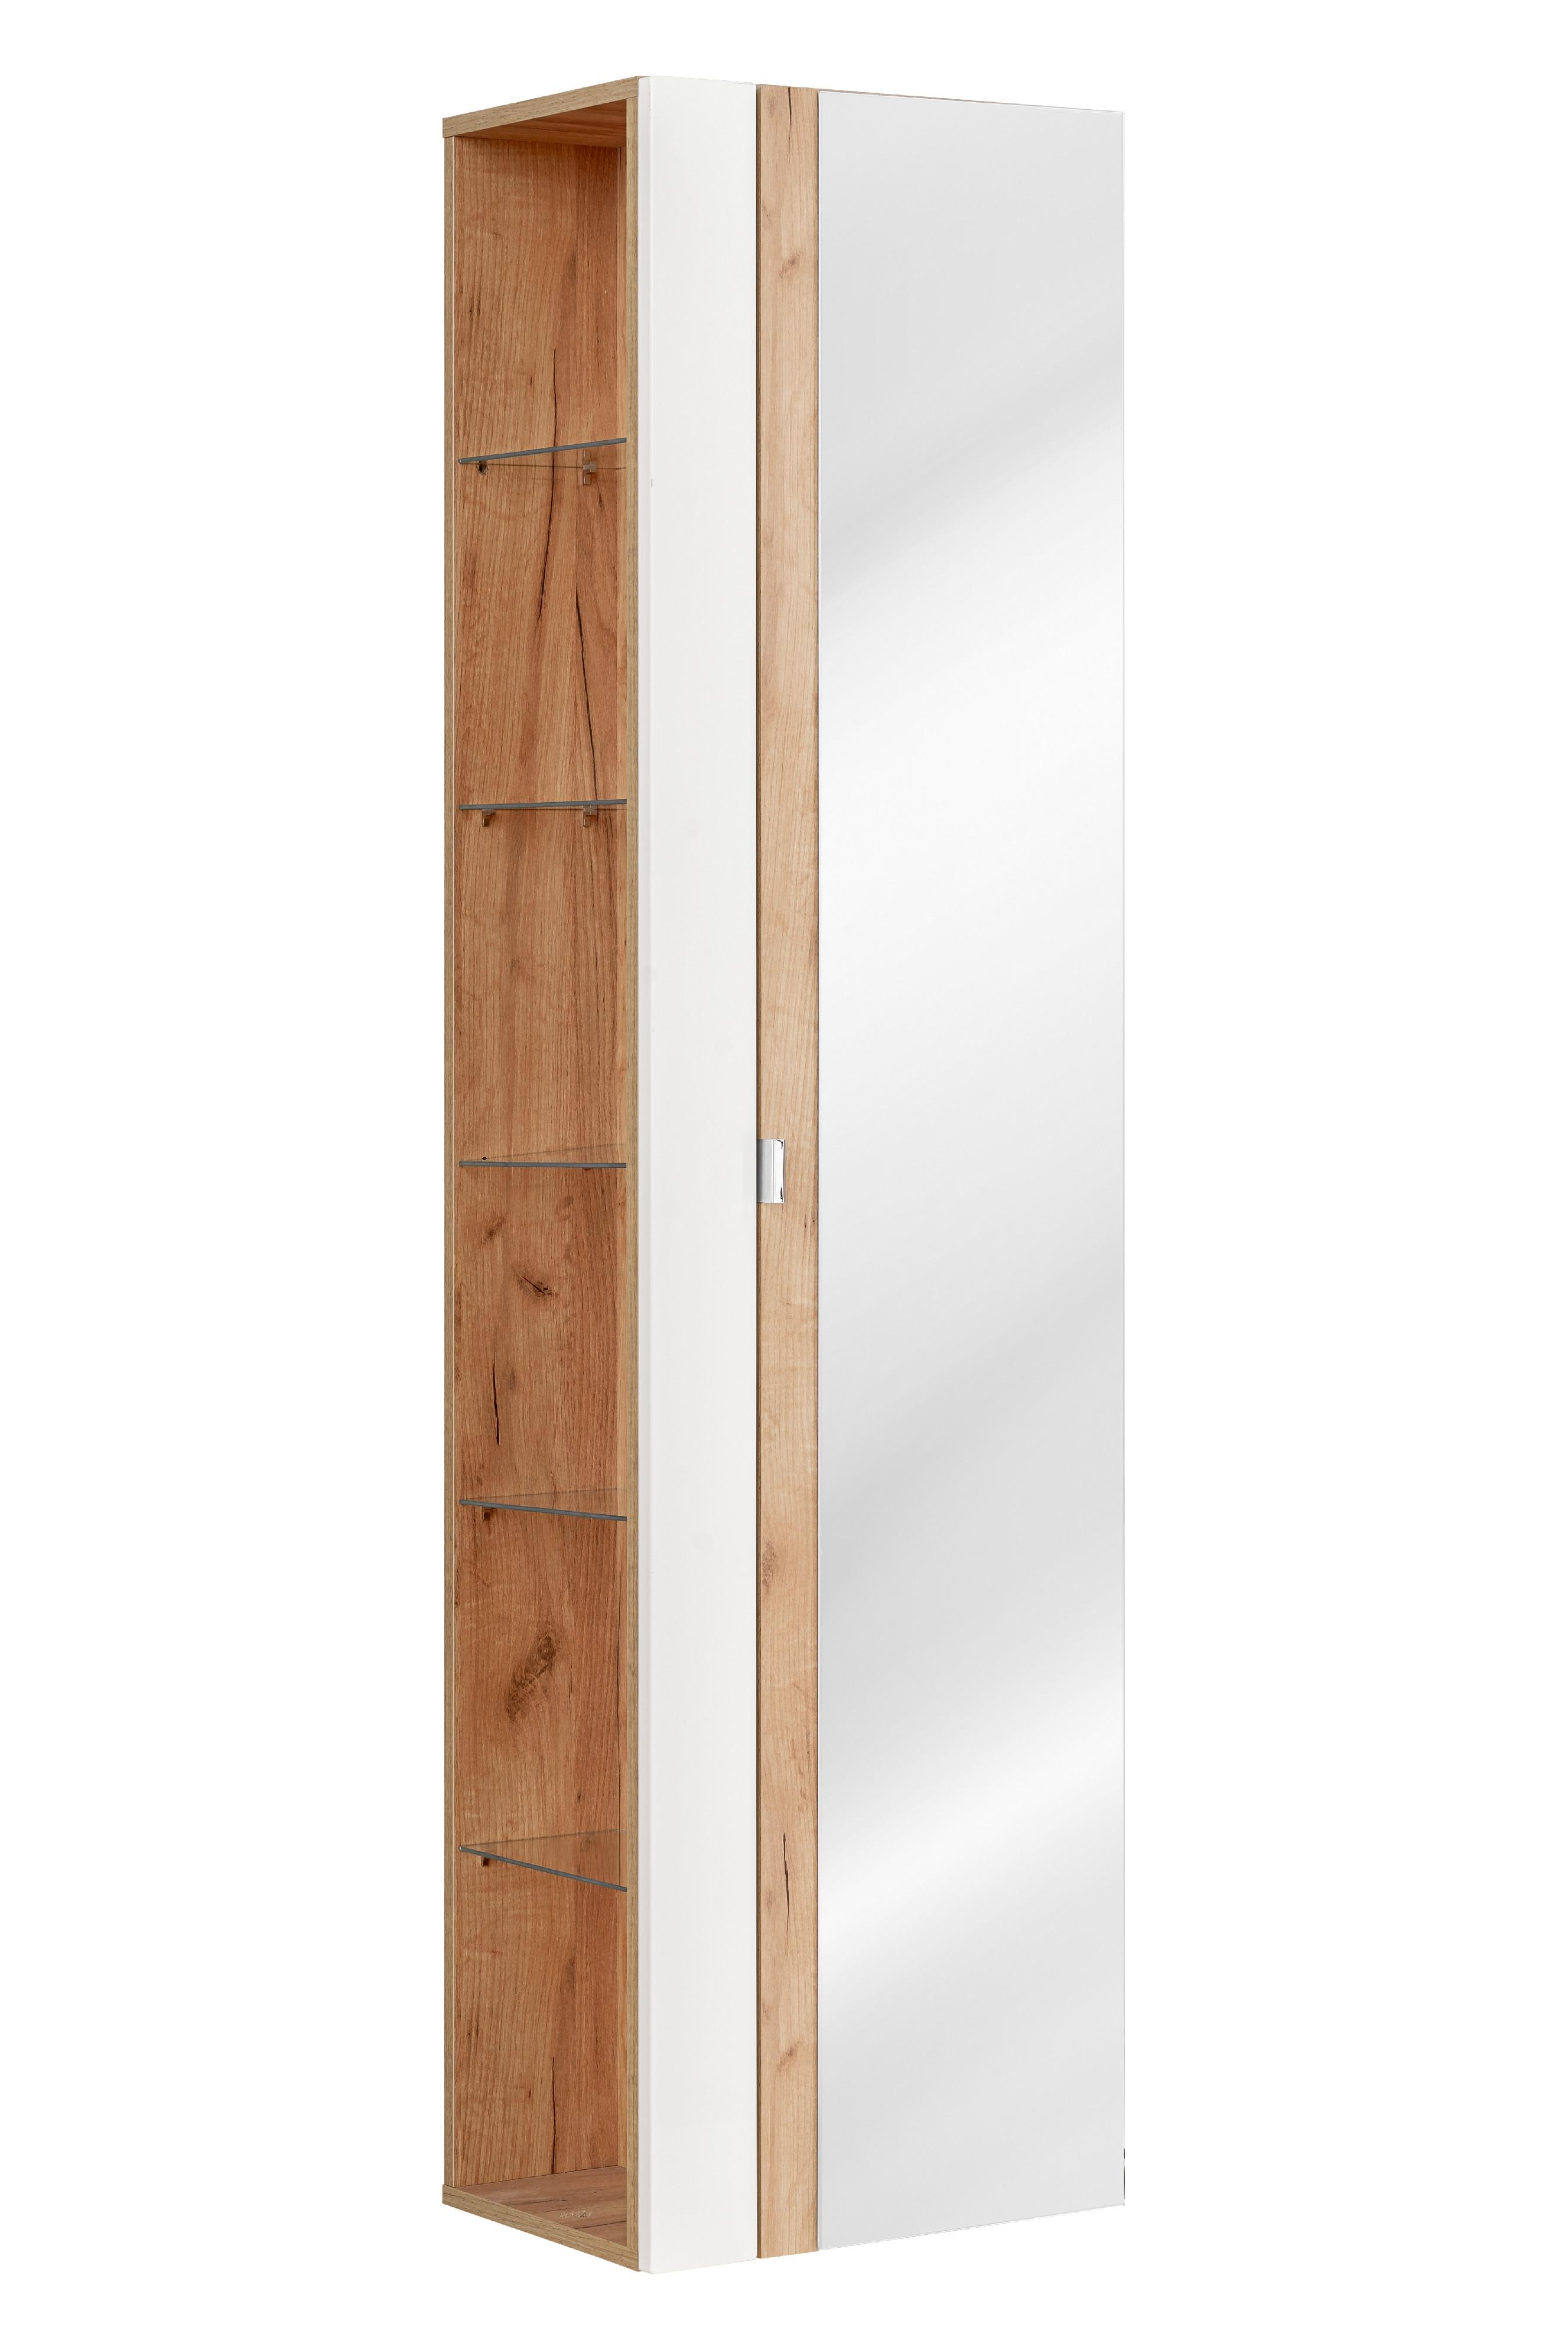 ArtCom Kúpeľňová zostava Capri   biela Capri   biela: Vysoká skrinka so zrkadlom 803